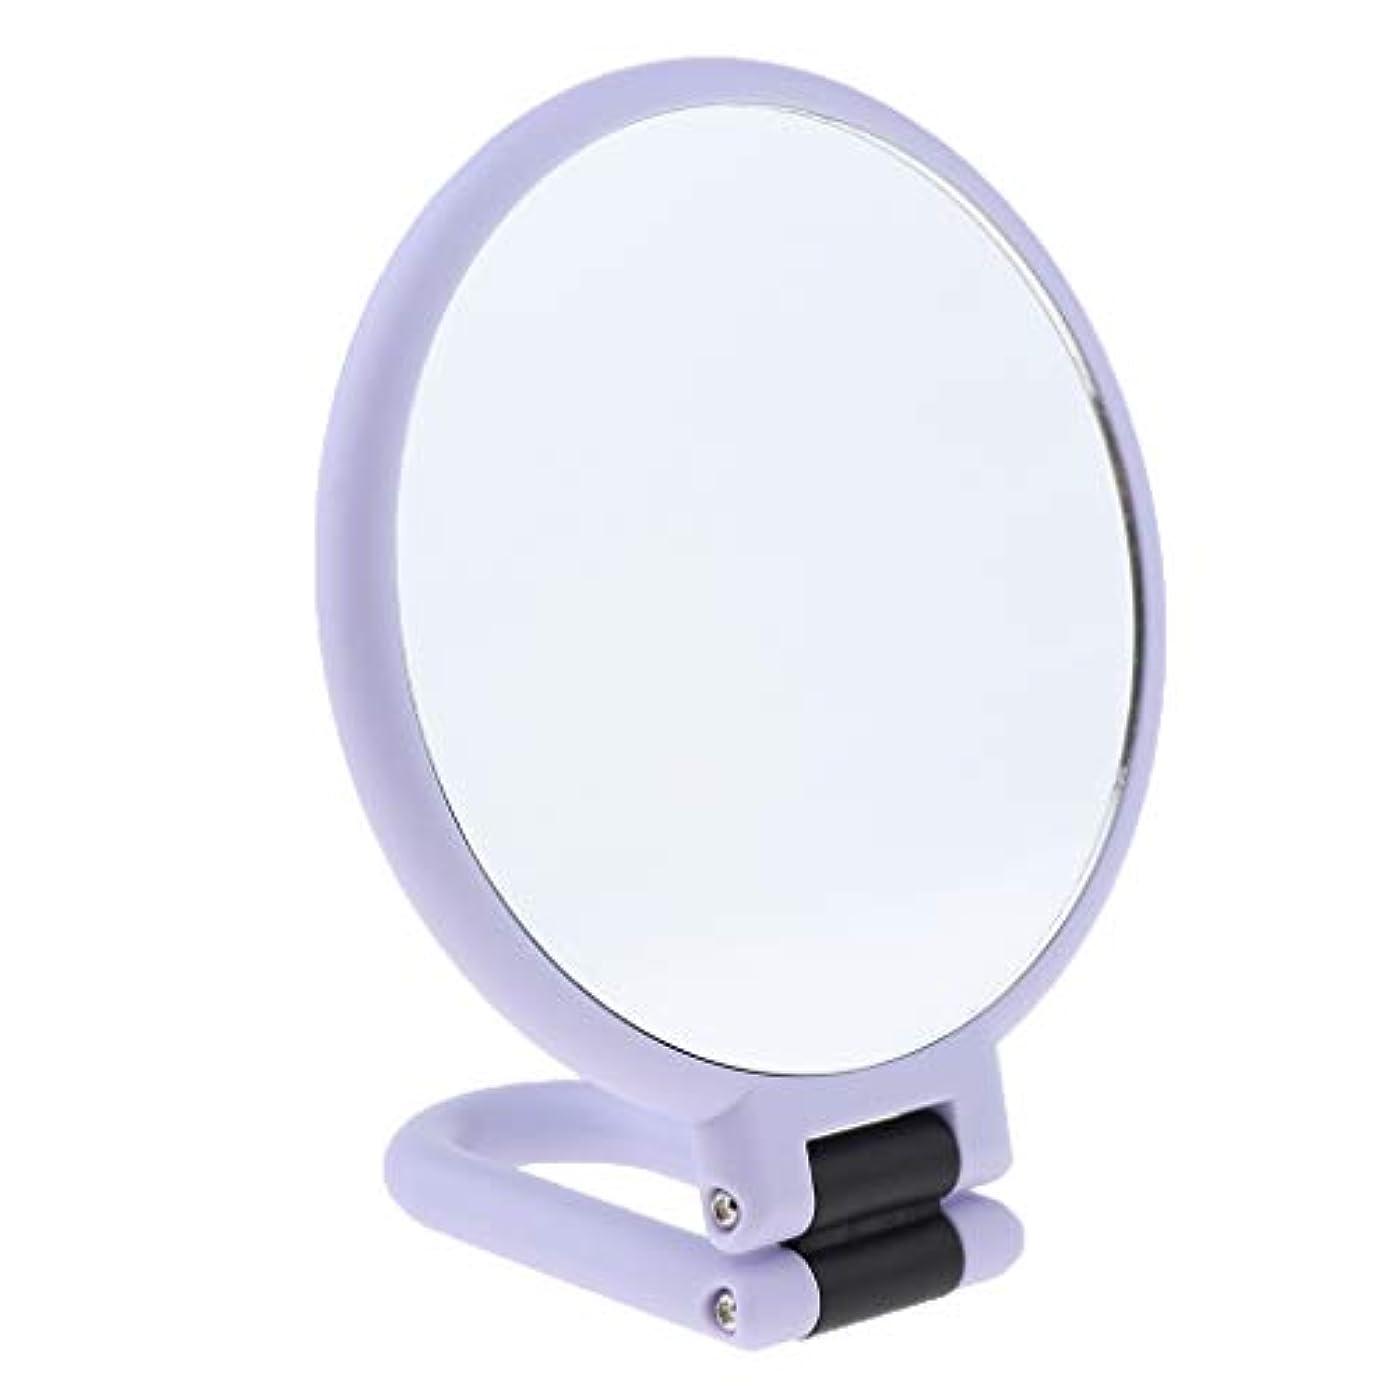 ターゲット徹底政府F Fityle 全3サイズ 化粧ミラー メイクミラー 折りたたみ 拡大鏡 化粧鏡 - 3倍の拡大鏡